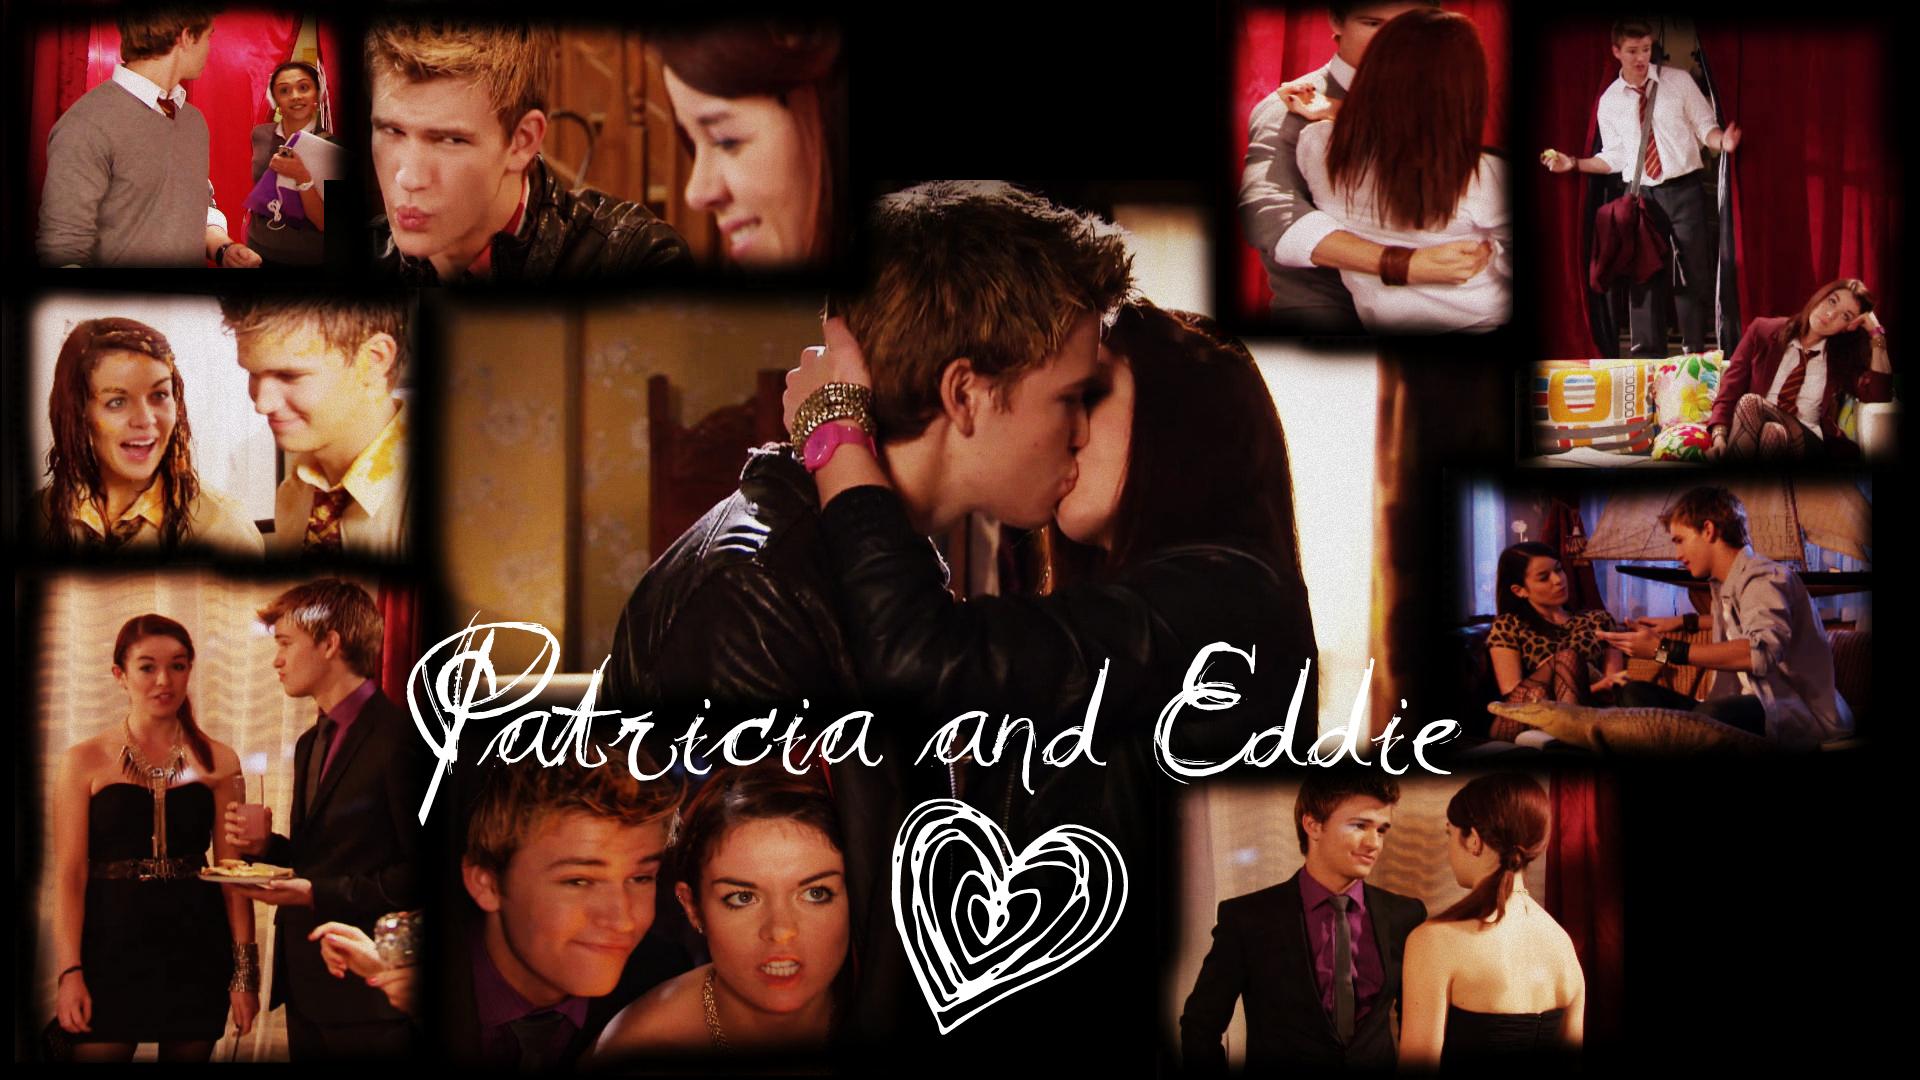 Patricia and Eddie, Peddie